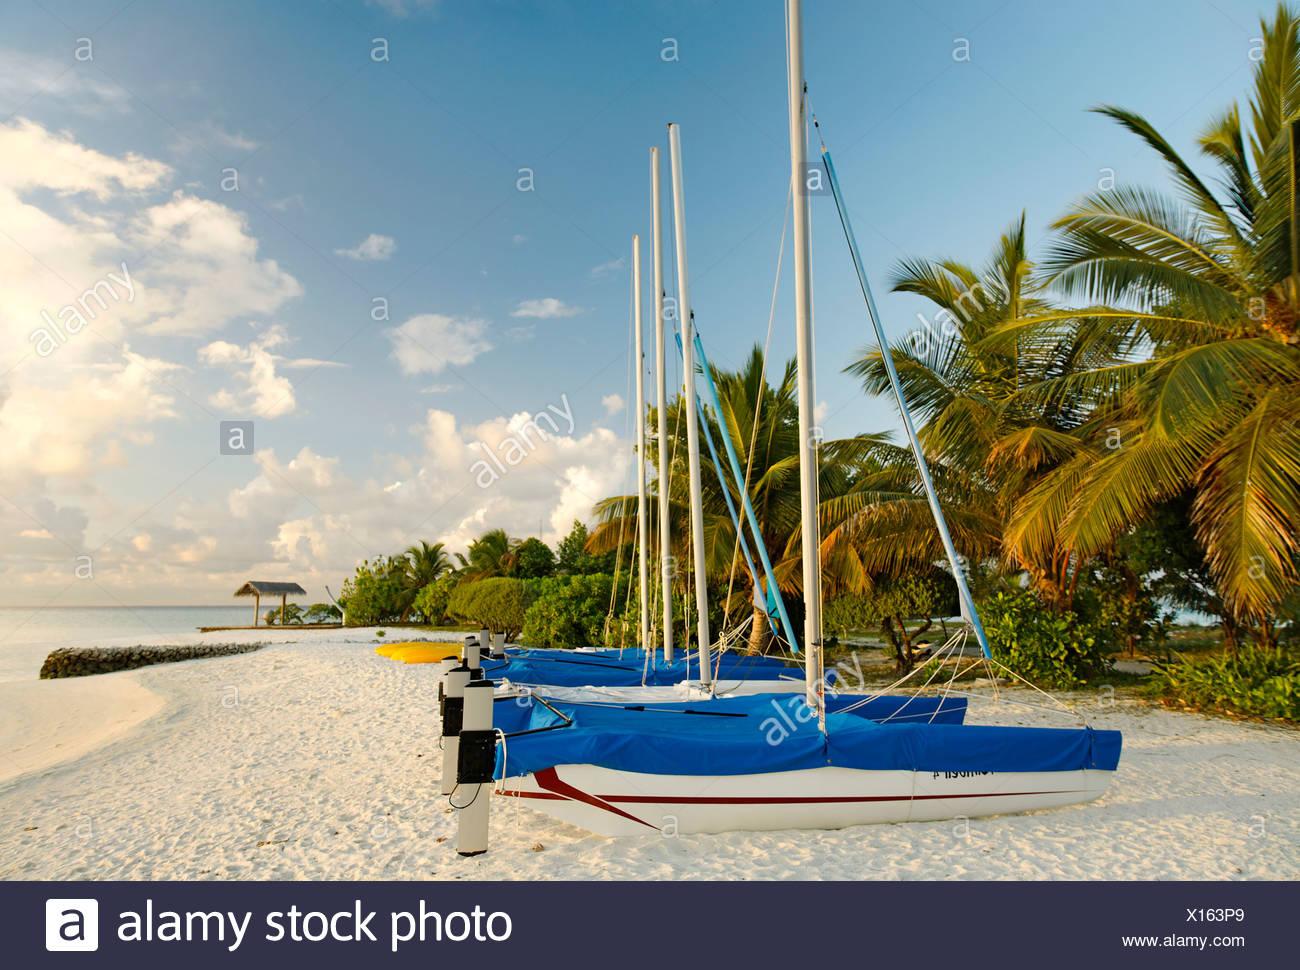 Hobby Auto, catamarani, le barche a vela, fianco a fianco, sulla spiaggia, palme, Maldive isola, South Male Atoll, Maldive, Achipela Immagini Stock